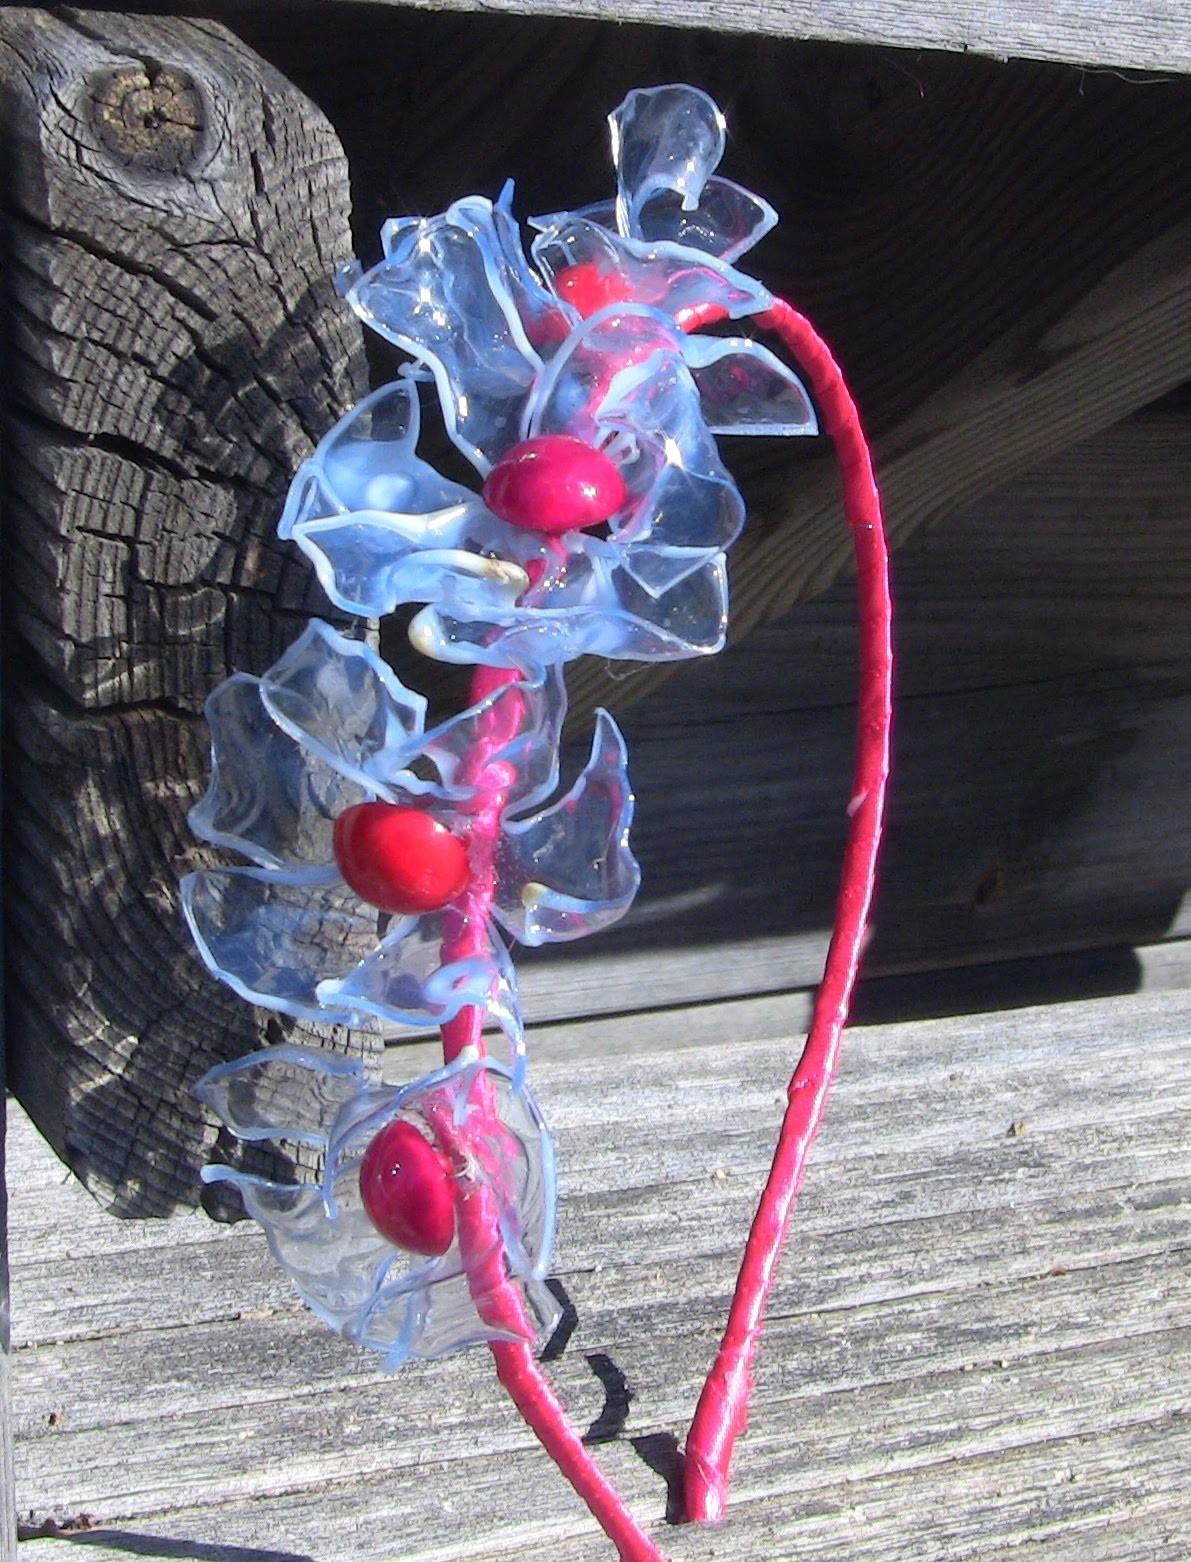 Reciclage  - Tiara com Flores  de Garrafa pet passo a passo